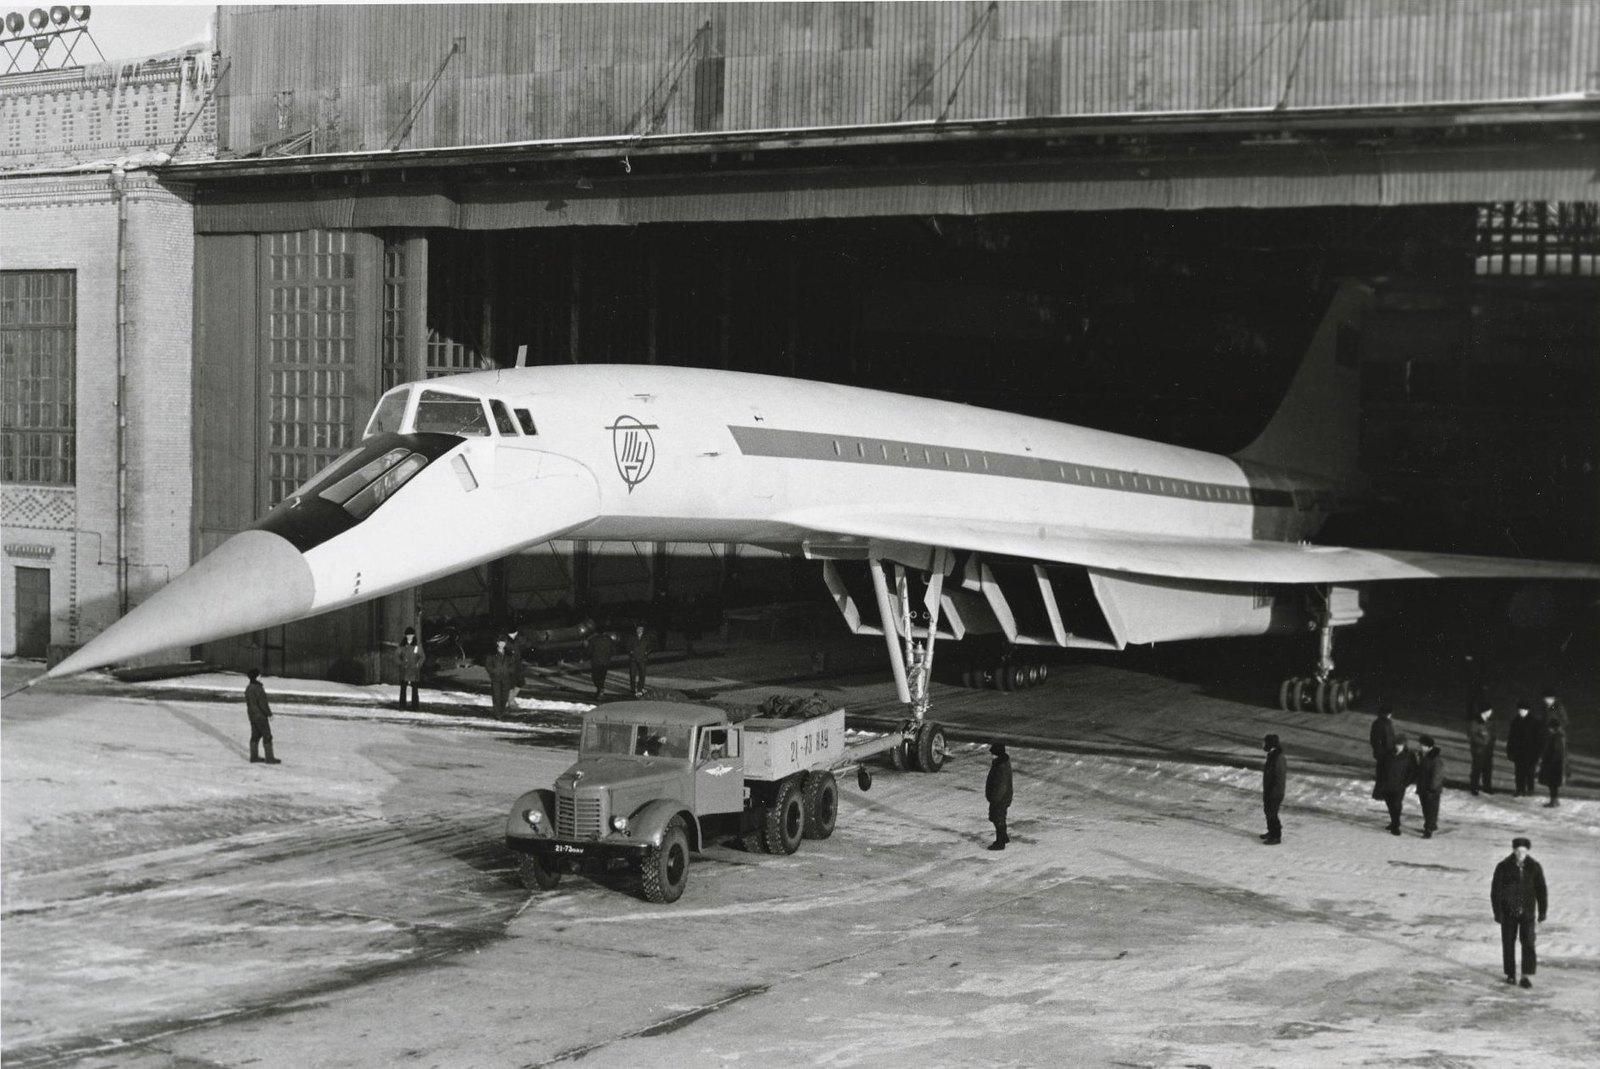 1968. Первый полет самолета ТУ-144